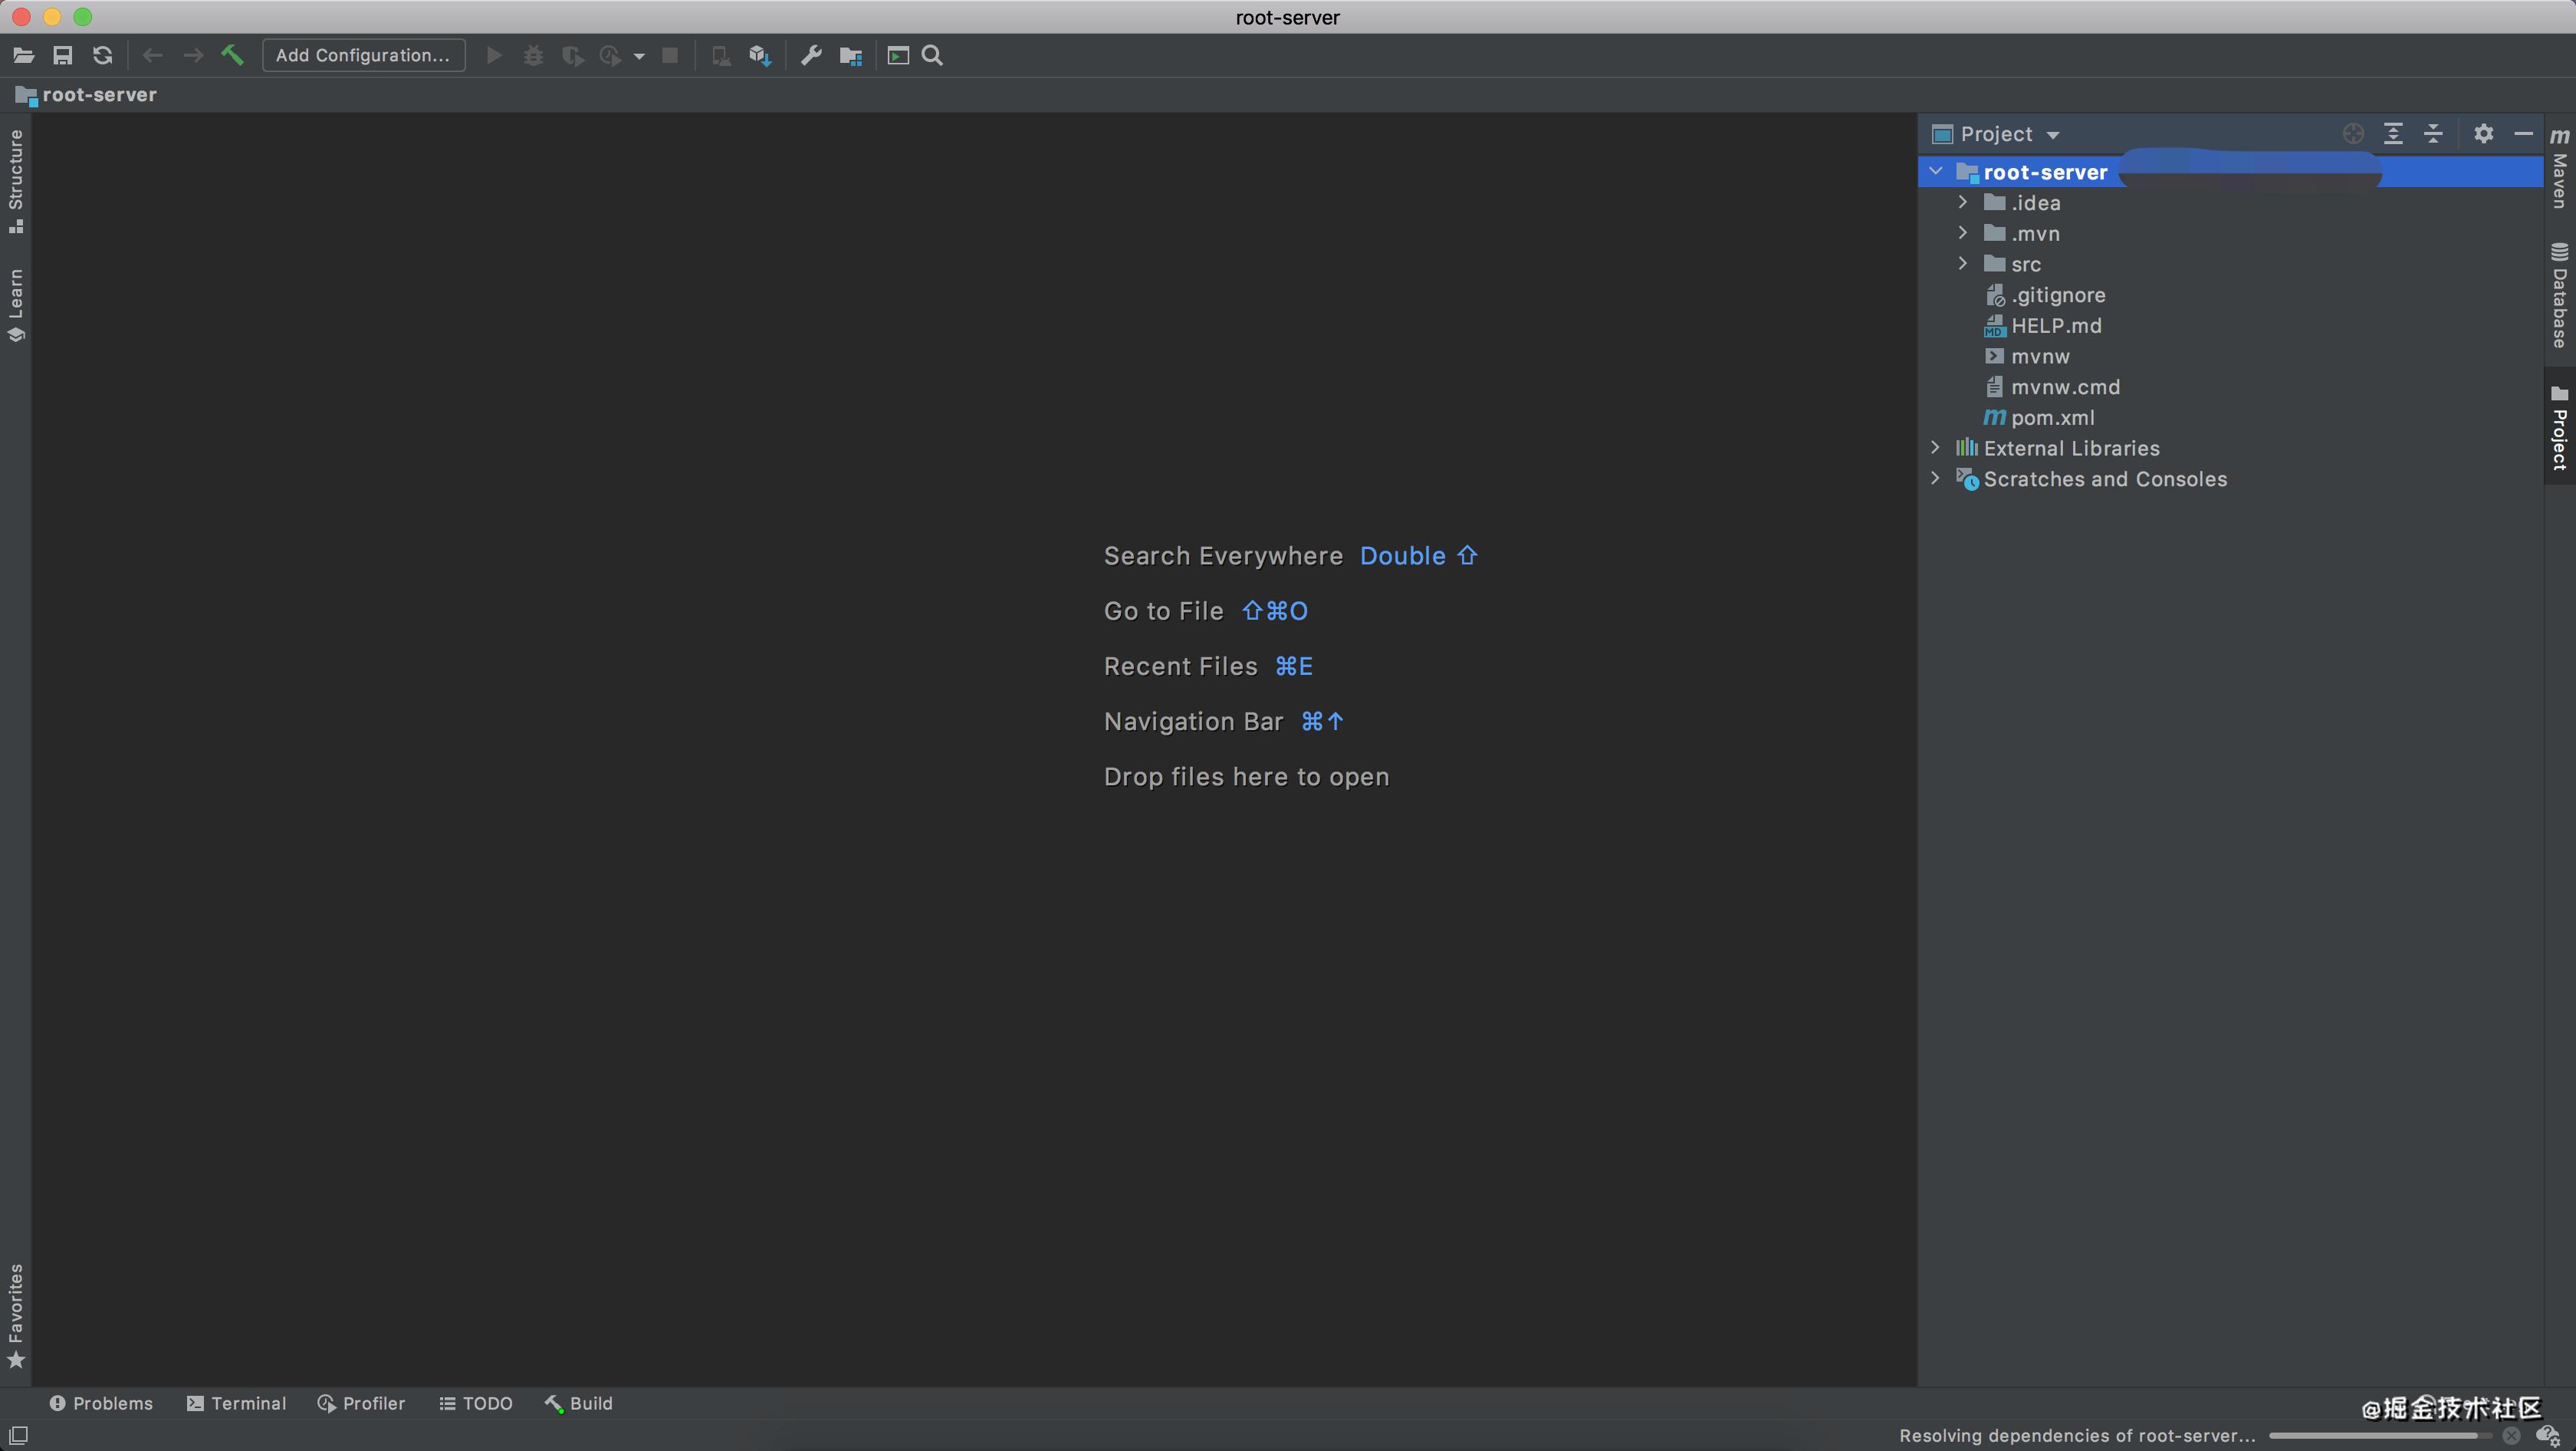 使用Maven构建多模块项目